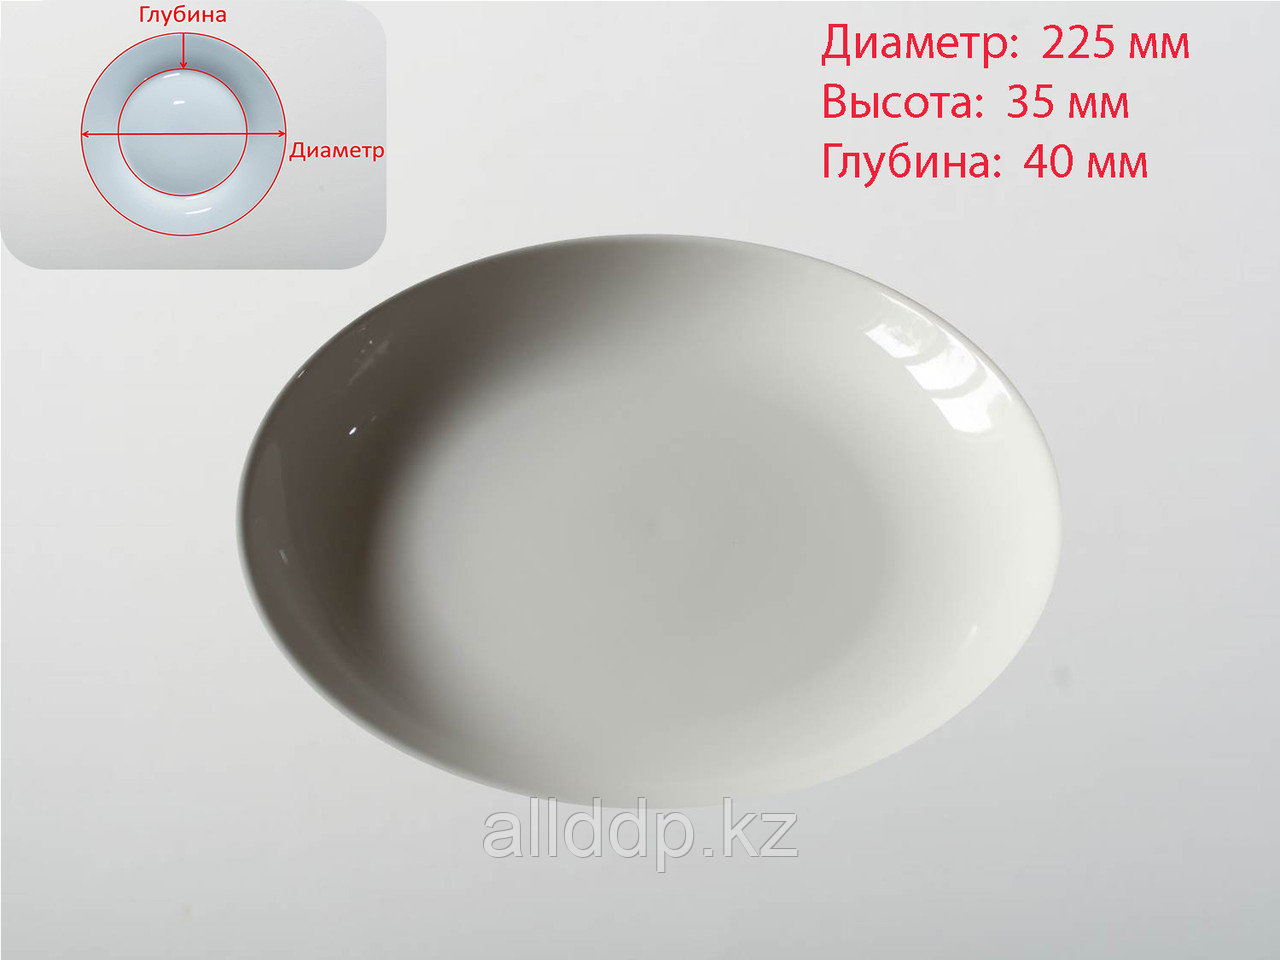 Тарелка глубокая, белая, D 225 мм